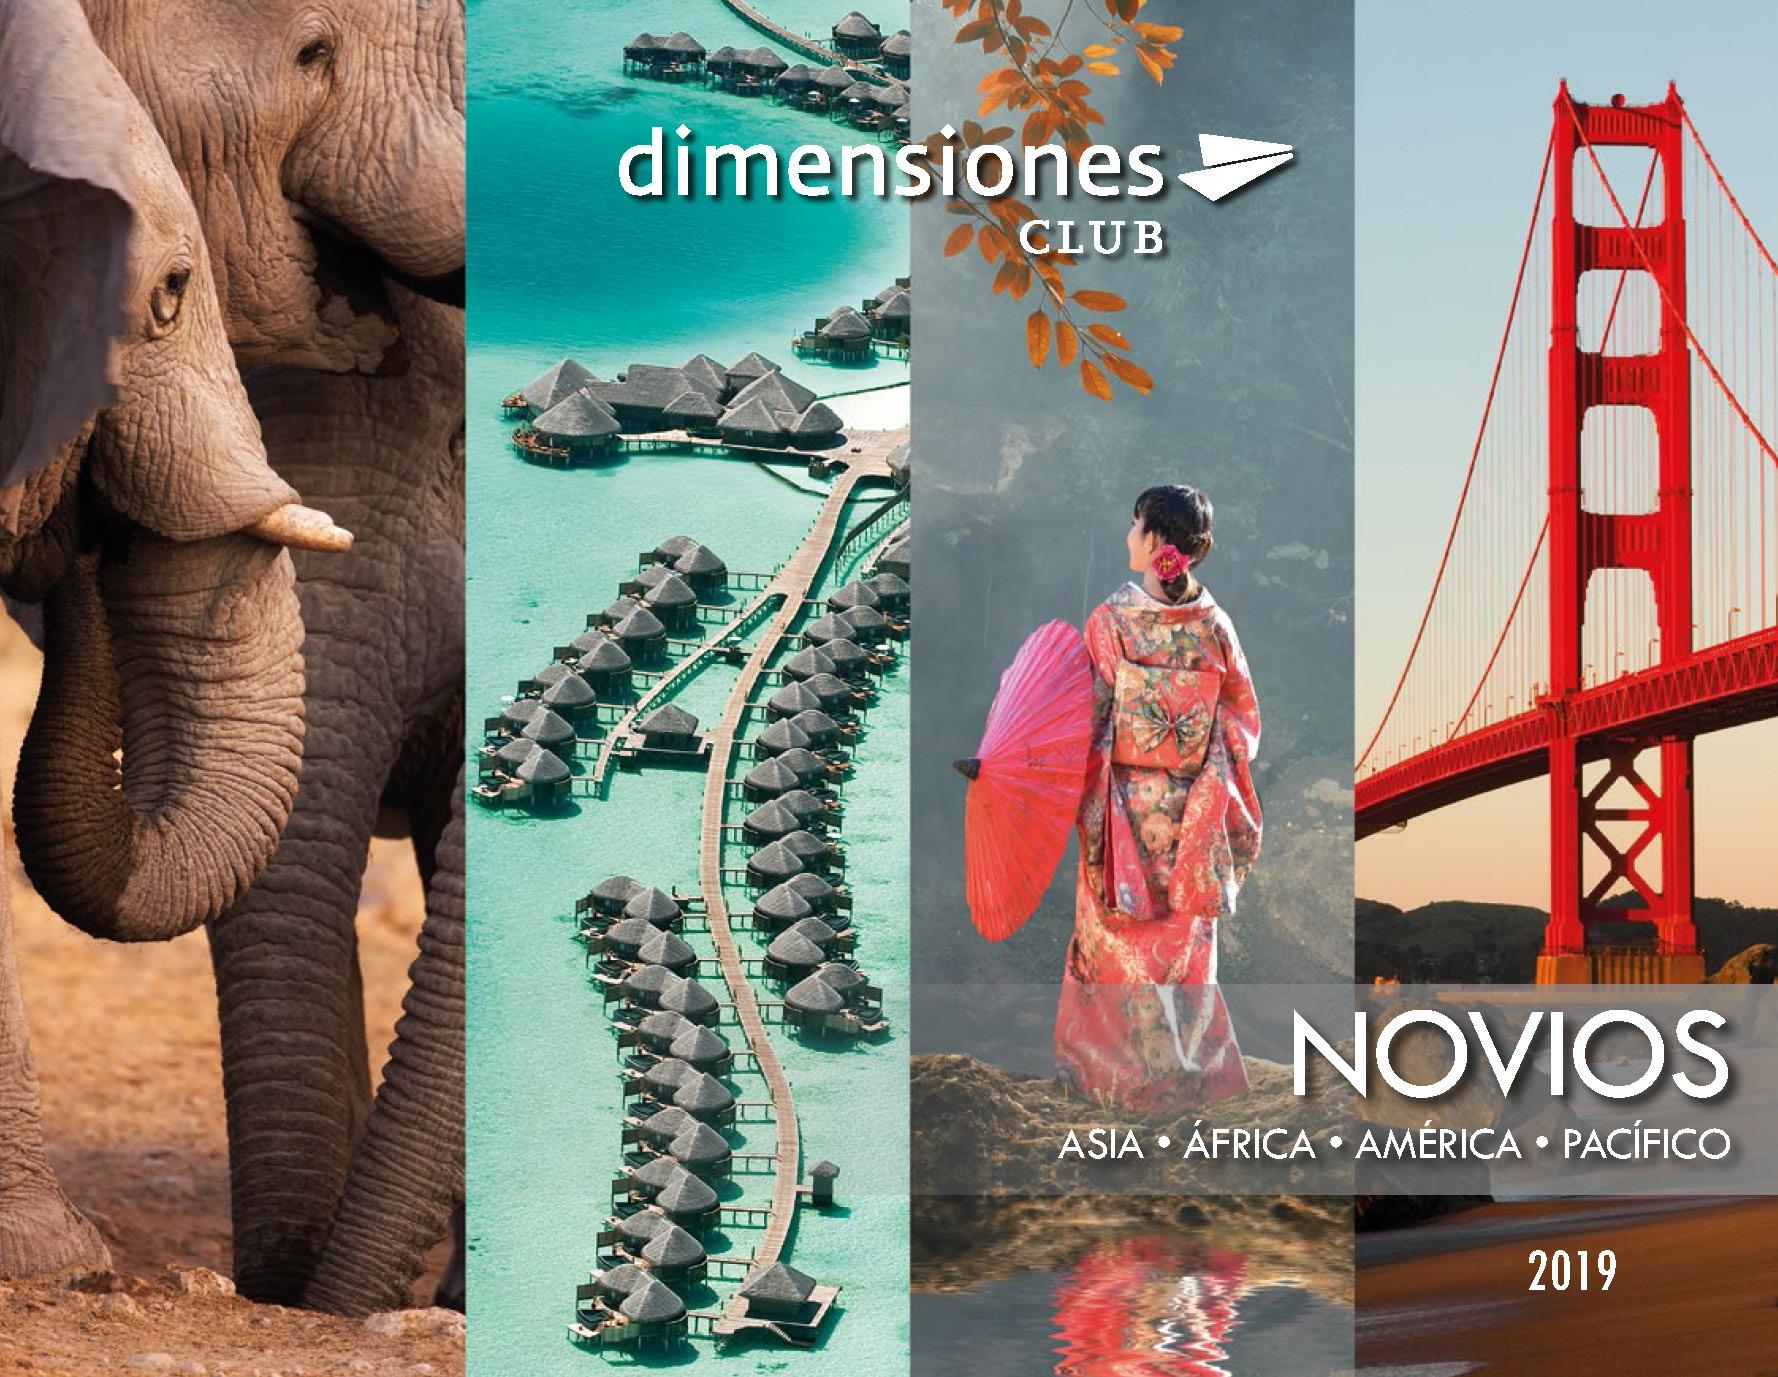 Catalogo Dimensiones Club Novios 2019